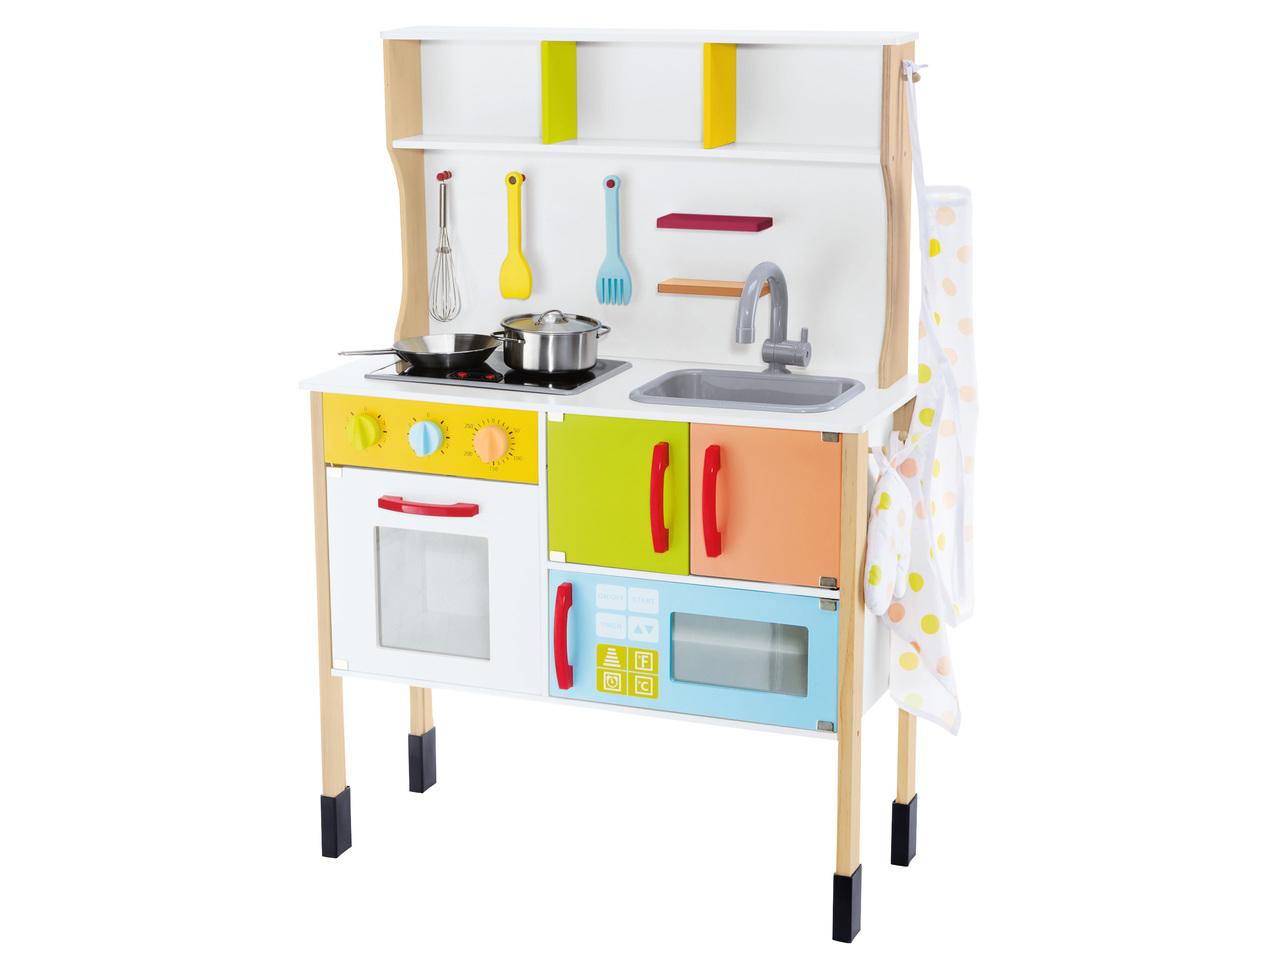 Geweldig budget houten speelgoed tips voor sinterklaas for Cuisine bois lidl